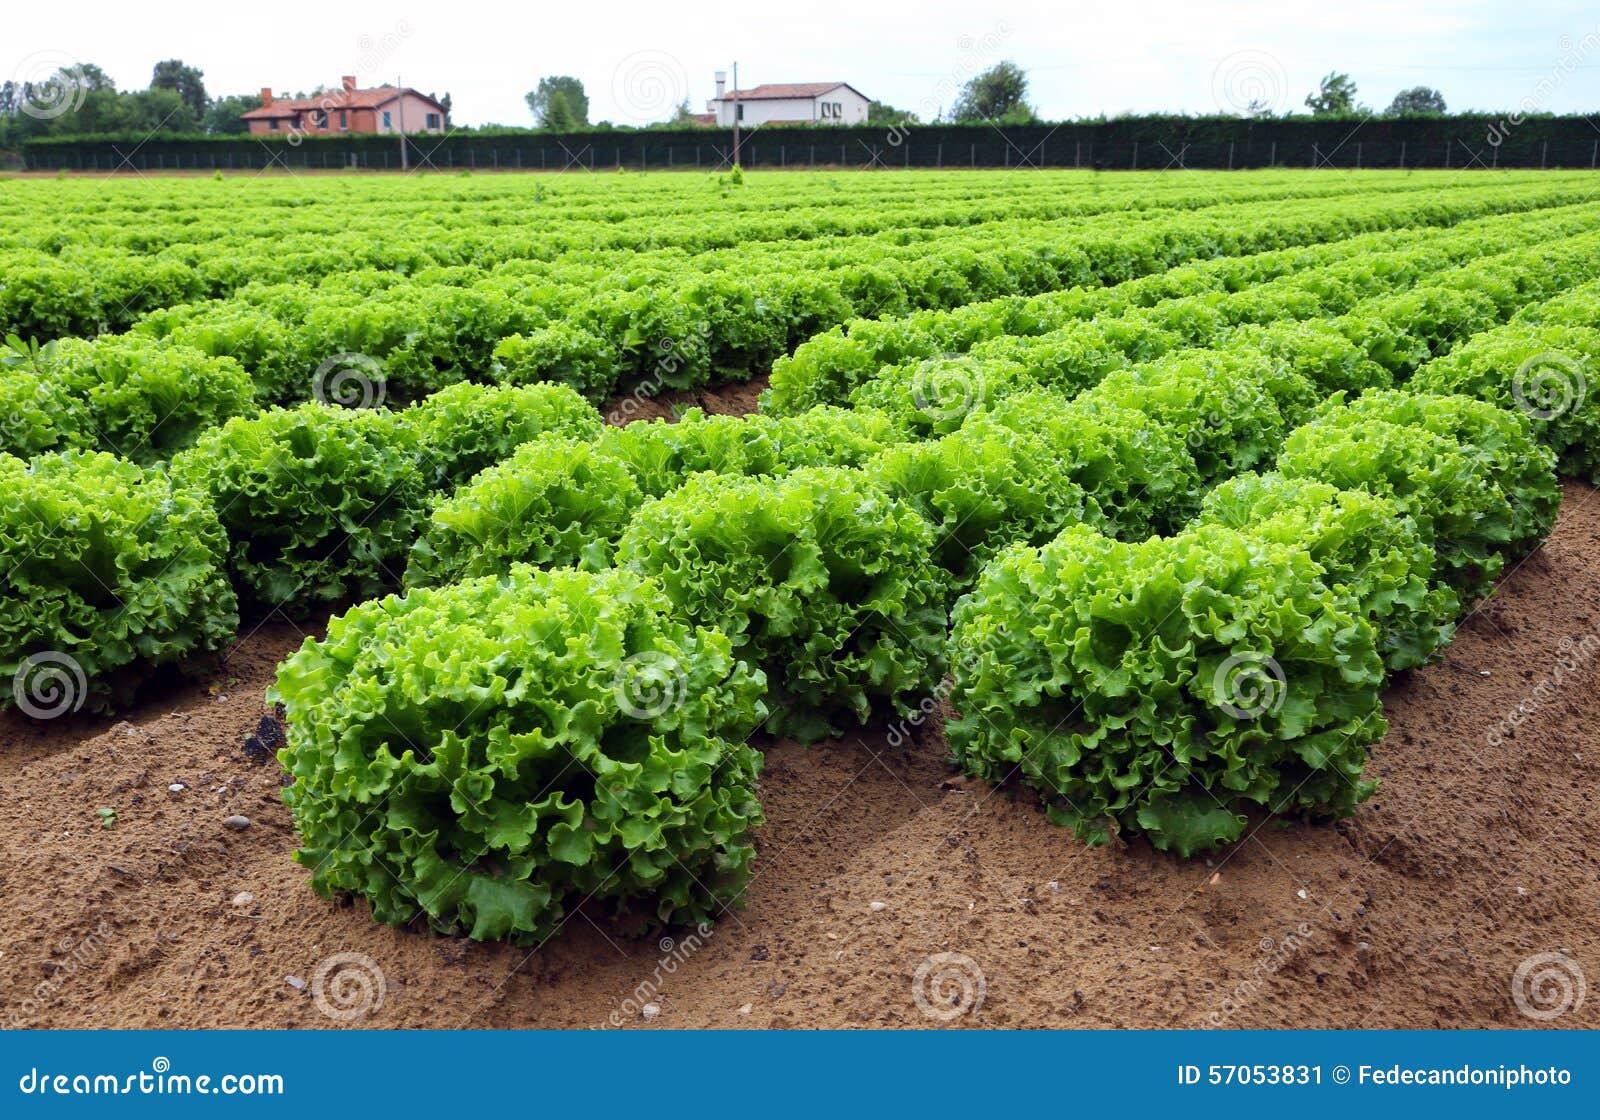 Sla op het reusachtige landbouwgebied